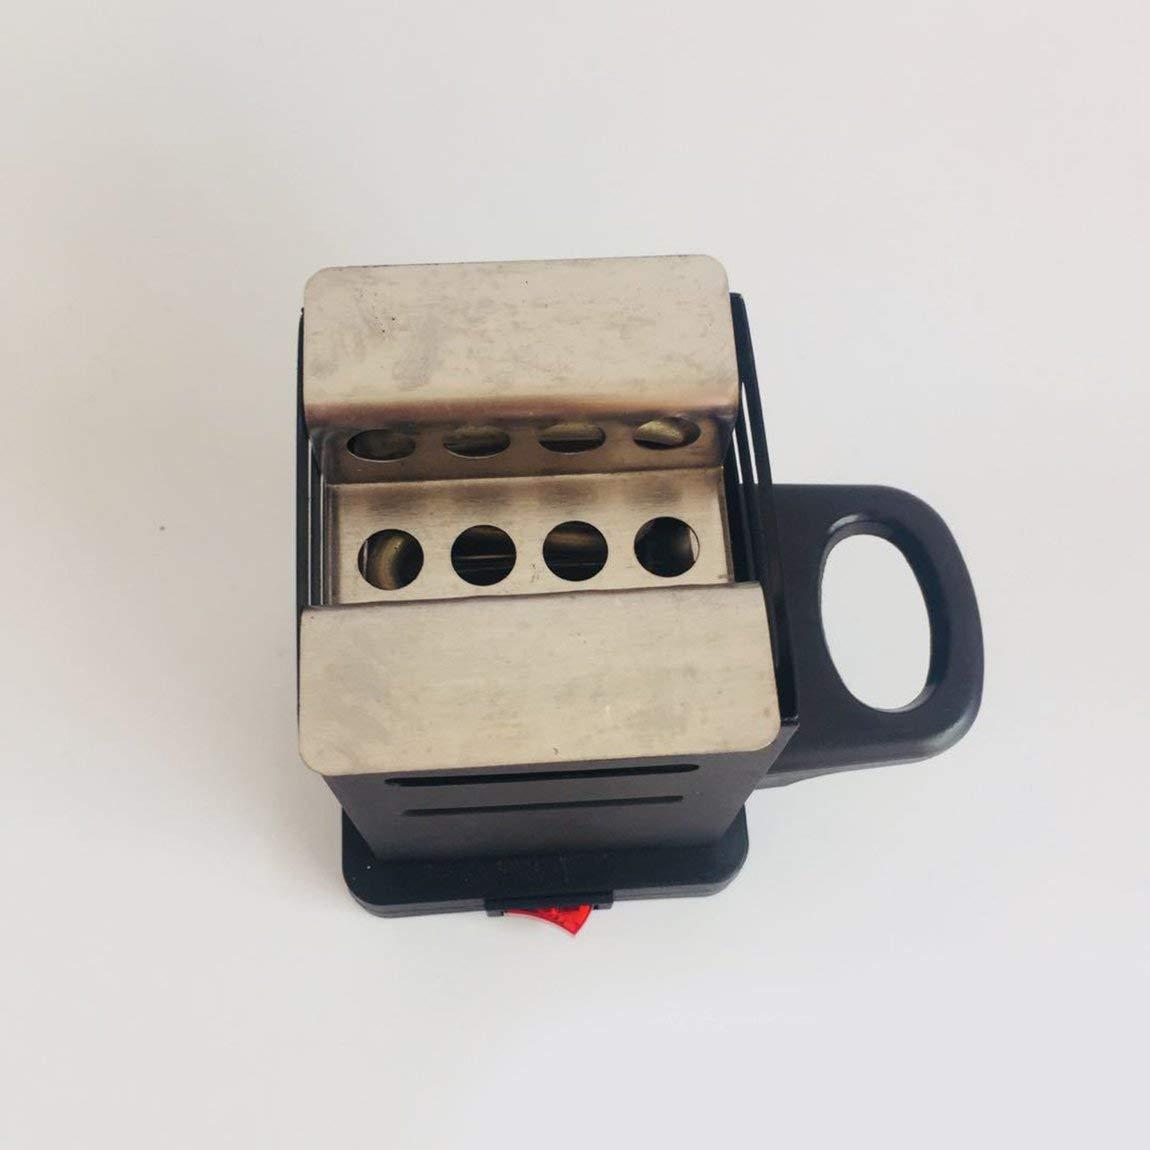 color: negro Horno de carb/ón de la estufa del calentador de carb/ón Shisha Nargila del calentador de carb/ón de le/ña de la hornilla del carb/ón de le/ña 600W de la cachimba